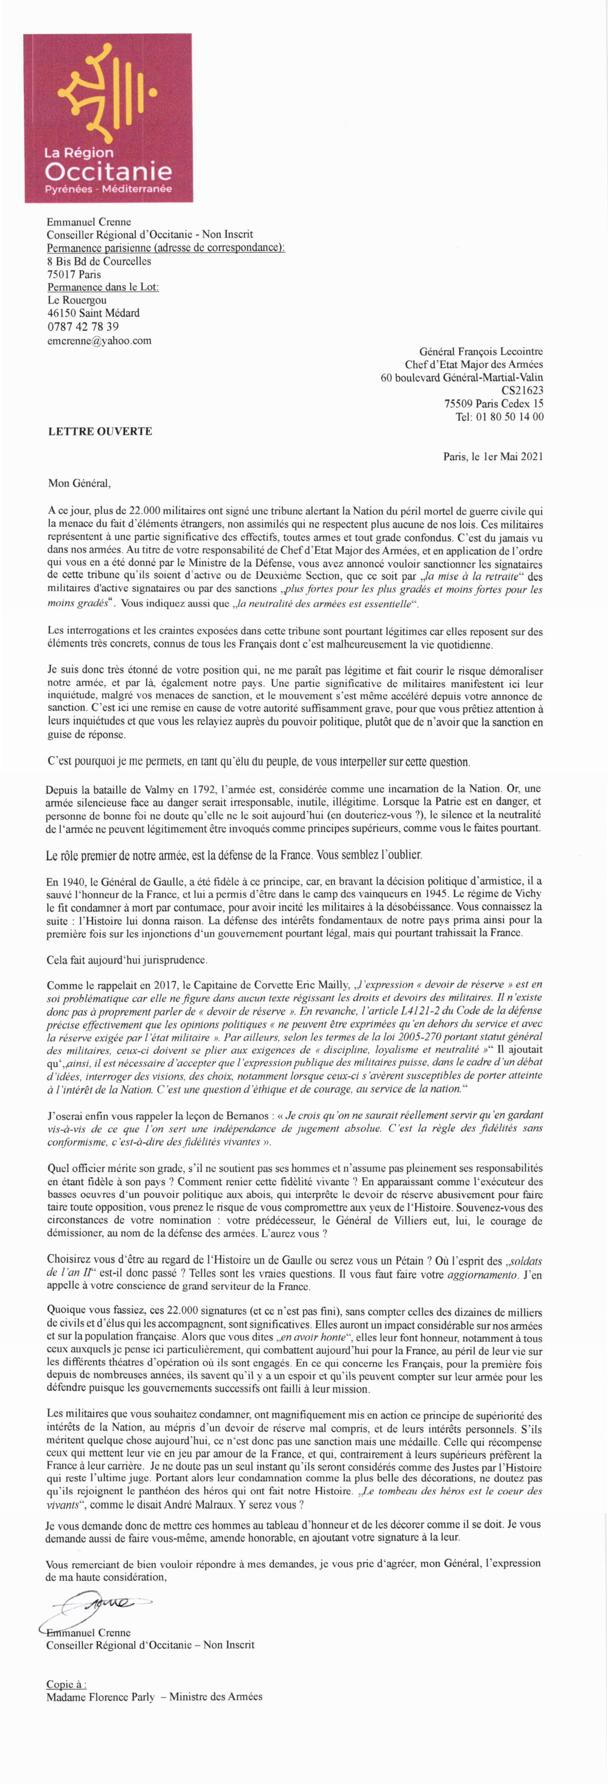 « Pour un retour de l'honneur de nos gouvernants » : 20 généraux appellent Macron à défendre le patriotisme - Page 3 110